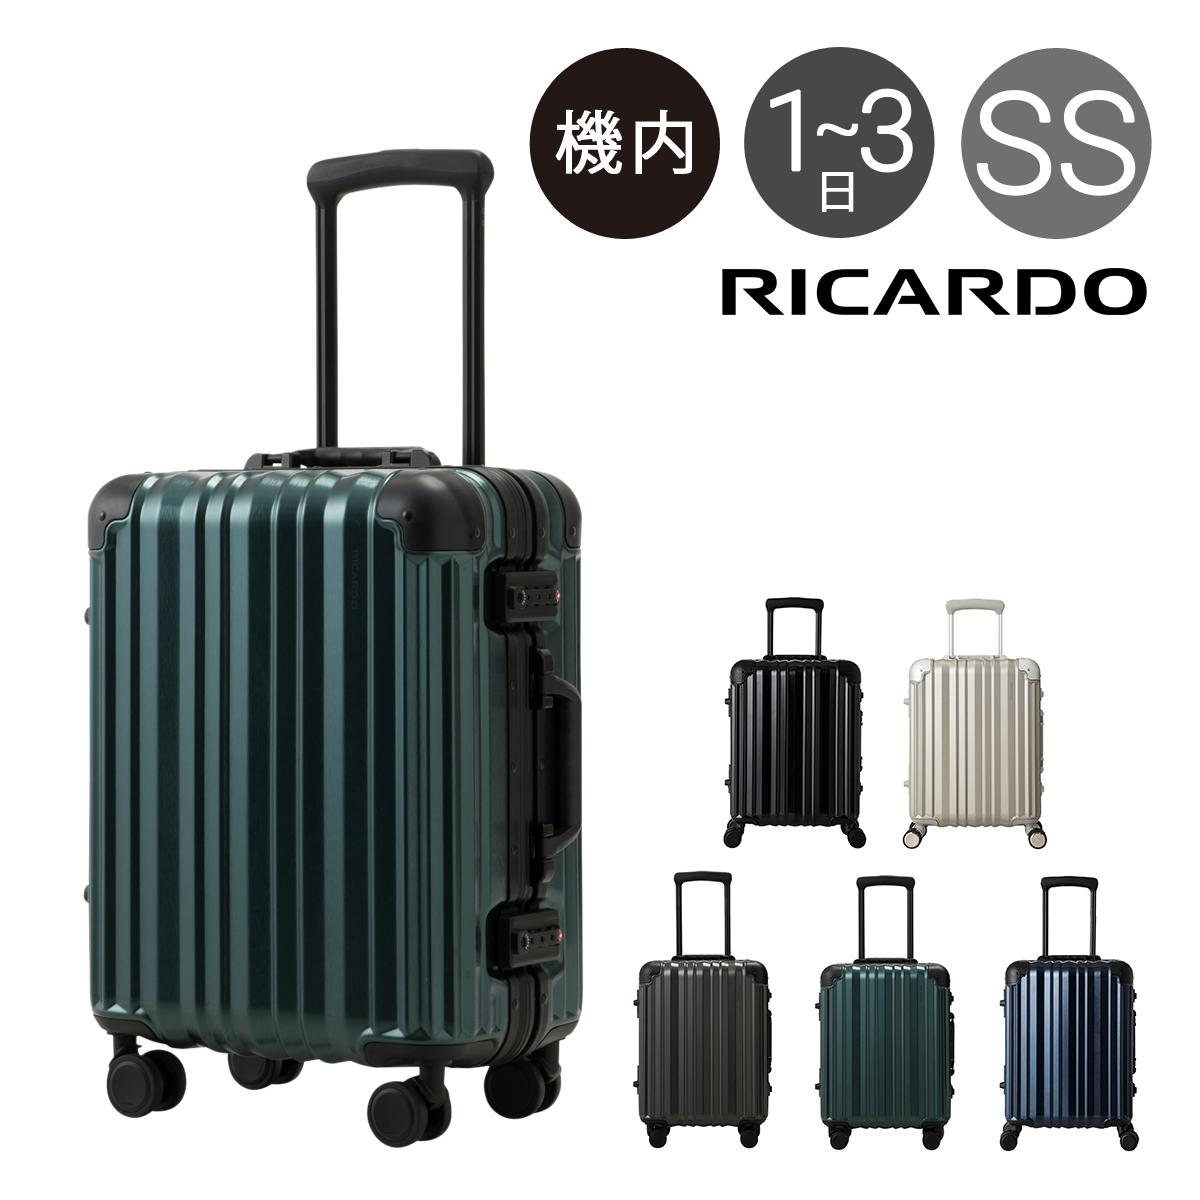 リカルド スーツケース 機内持ち込み エルロンボールト 37L 39cm 3.6kg AIV-19-4WB RICARDO   キャリーケース ハードキャリー TSAロック機能 静音